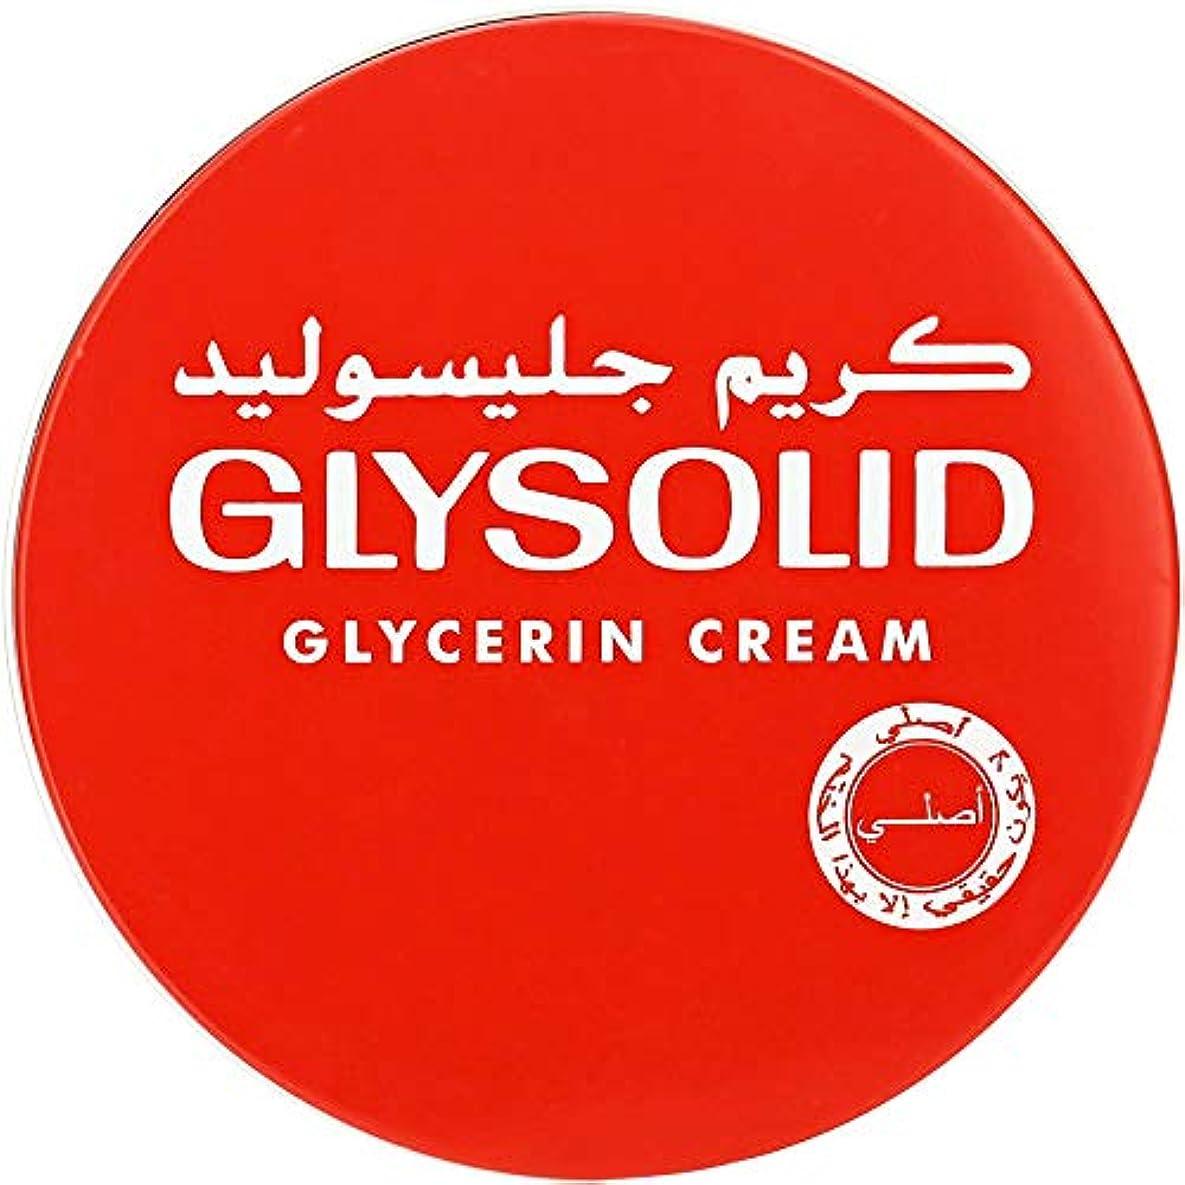 履歴書に応じて何かGlysolid Cream Face Moisturizers For Dry Skin Hands Feet Elbow Body Softening With Glycerin Keeping Your Skin...